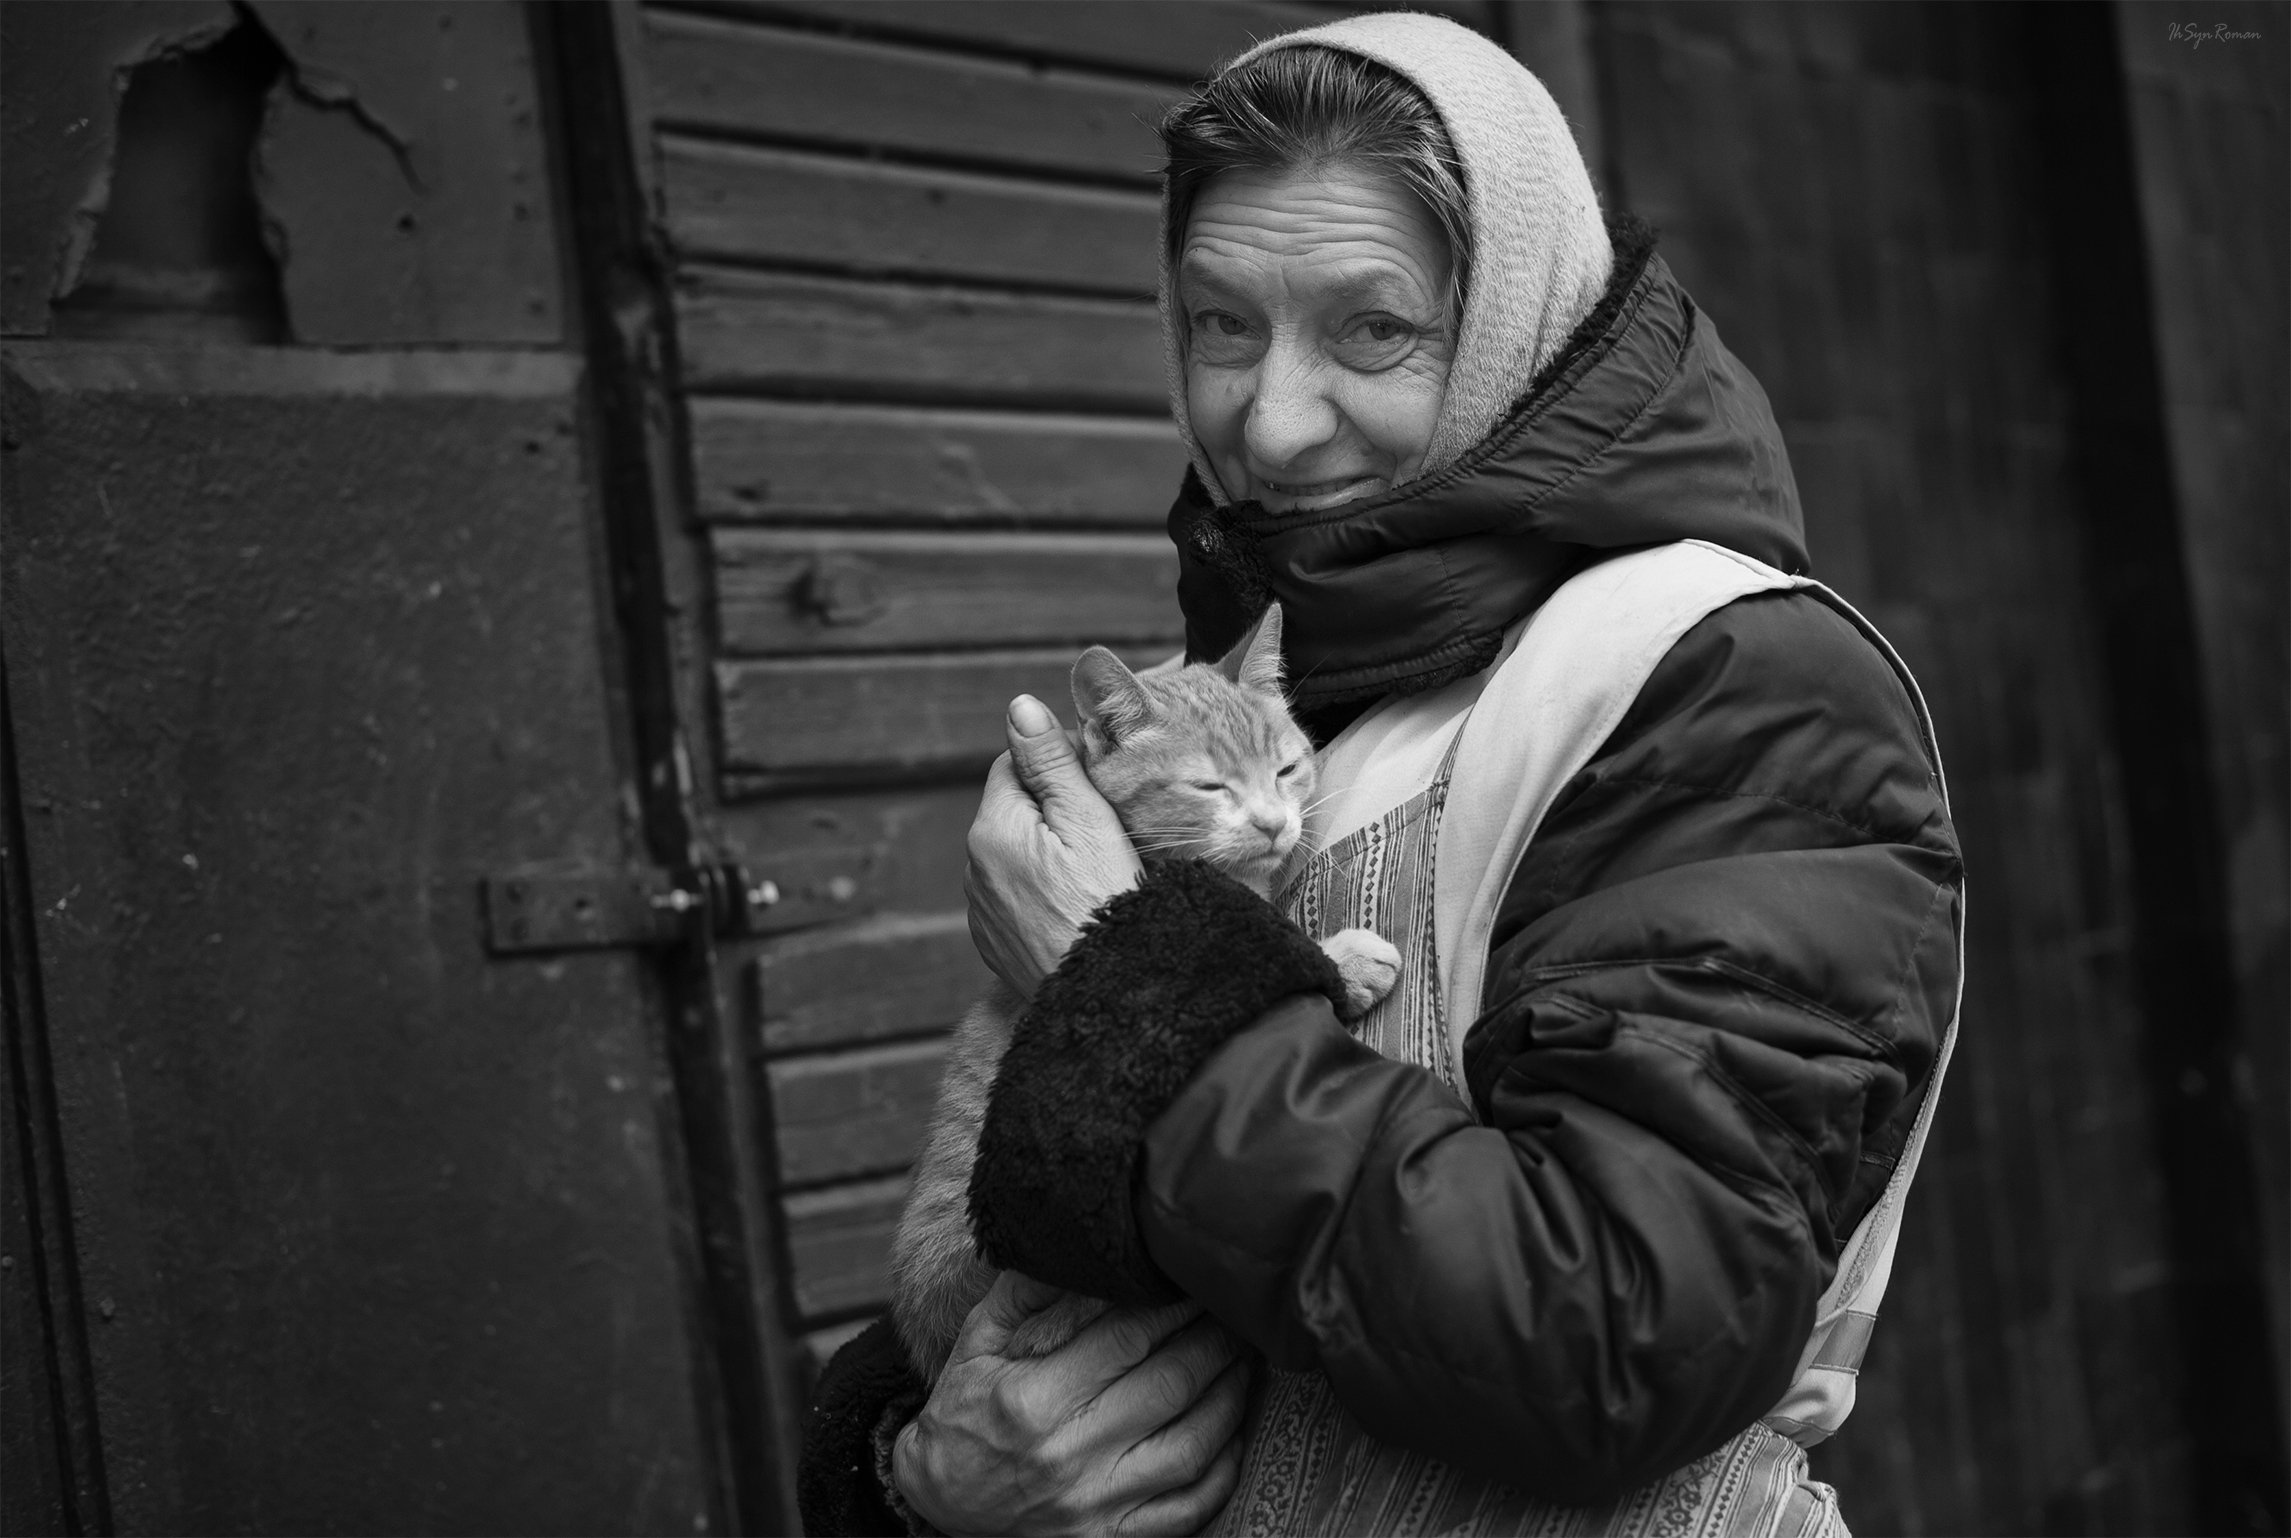 портрет,женщина,кот,жанр,улица,дом, Roma  Chitinskiy